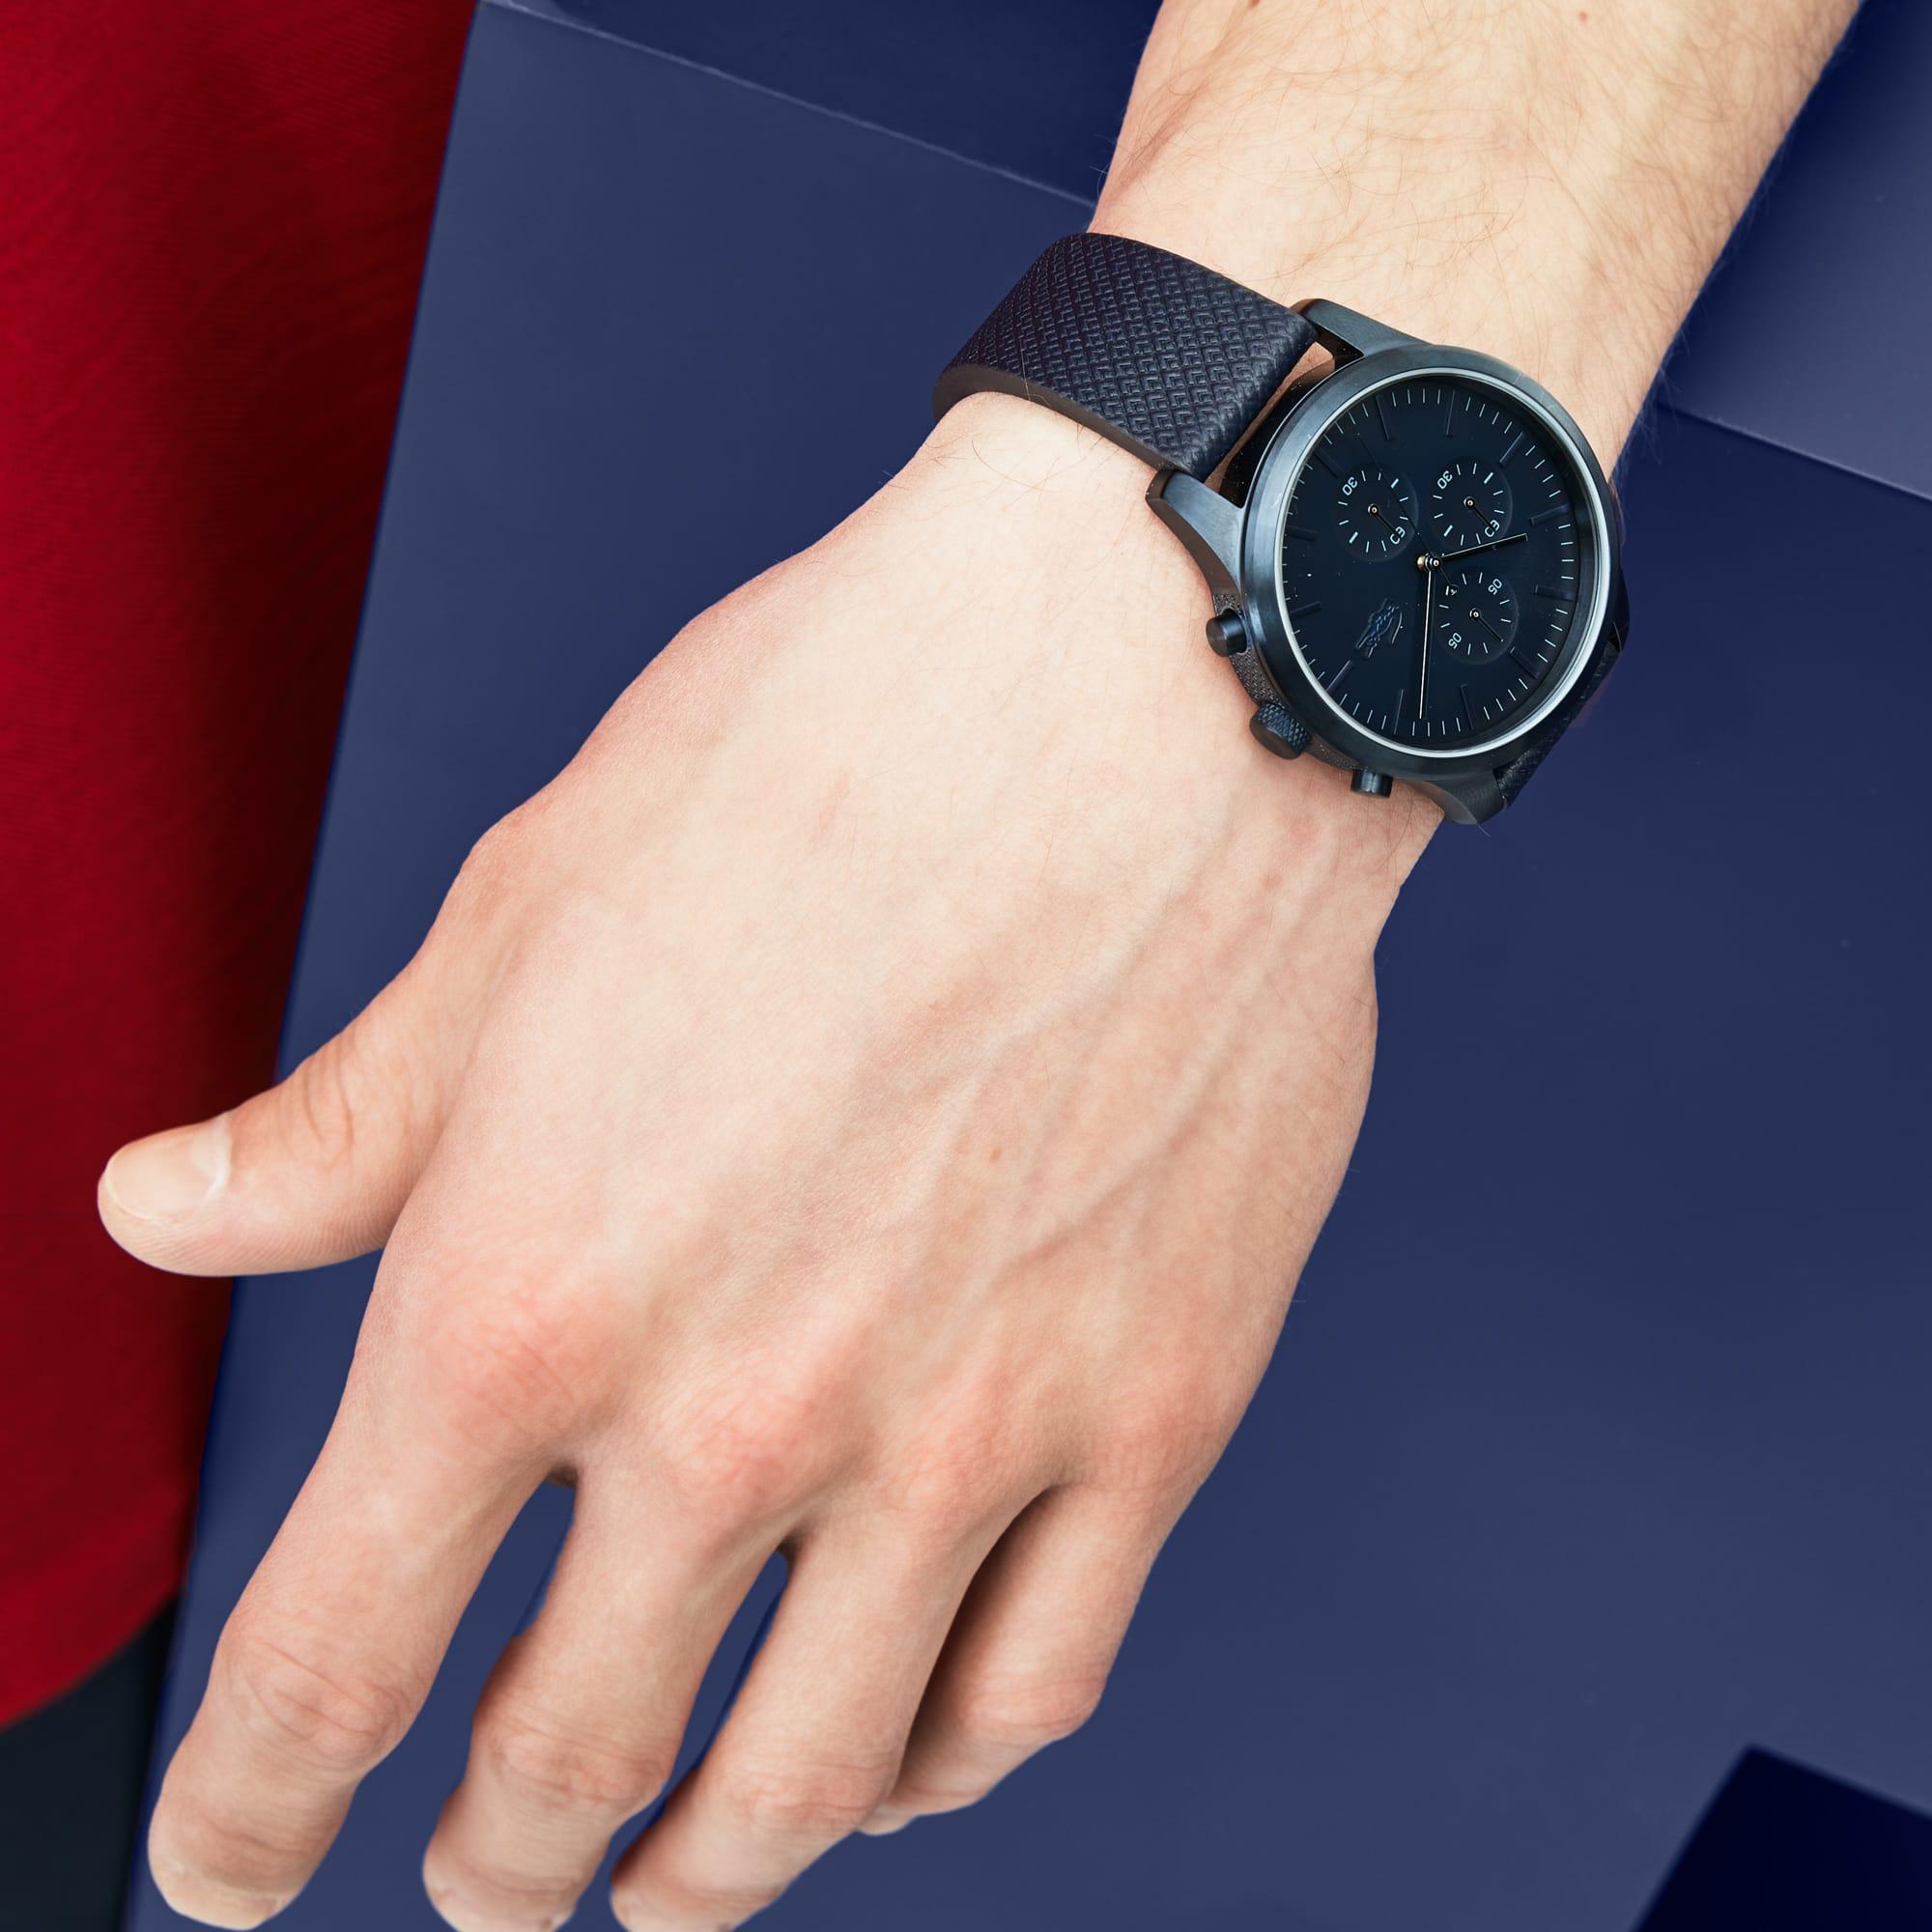 Relógio cronógrafo Lacoste 12.12, que celebra o 85º Aniversário, com bracelete em pele com gravação petit piqué azul